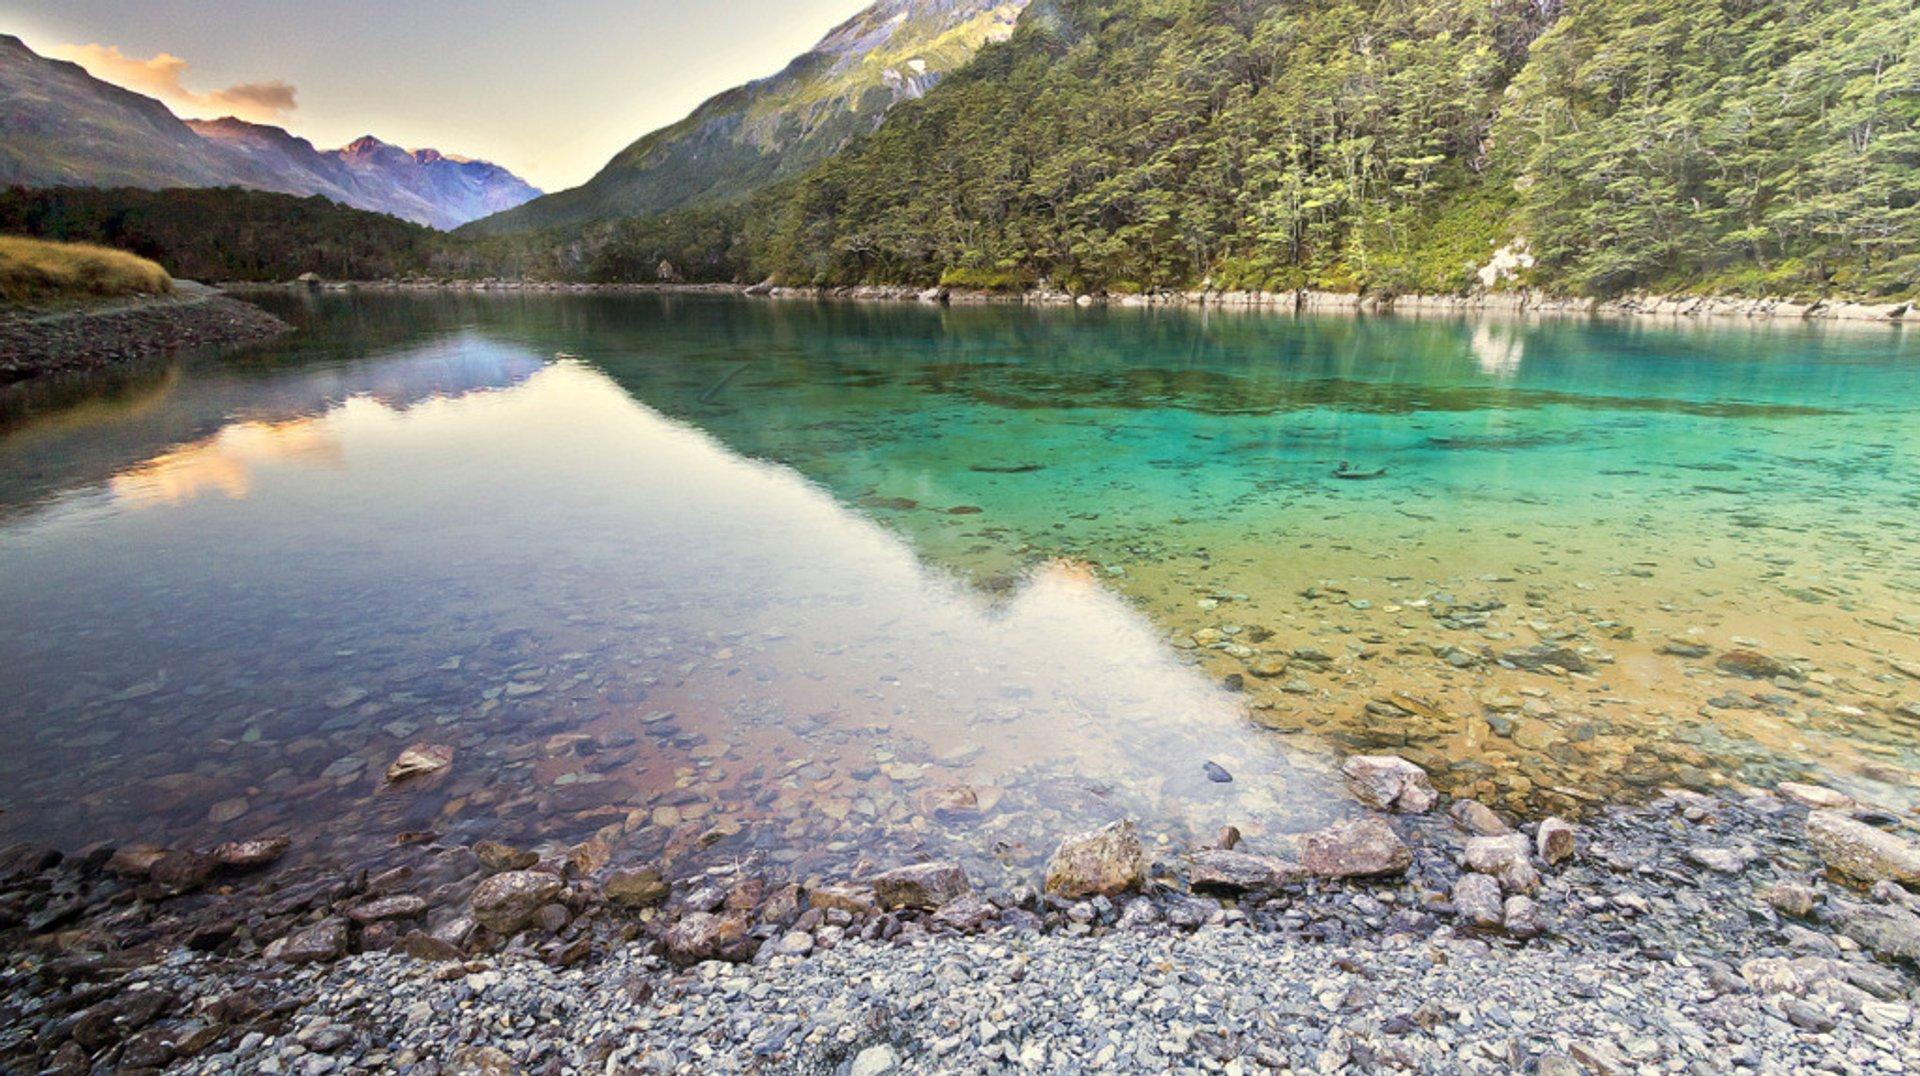 Blue Lake in New Zealand - Best Season 2019